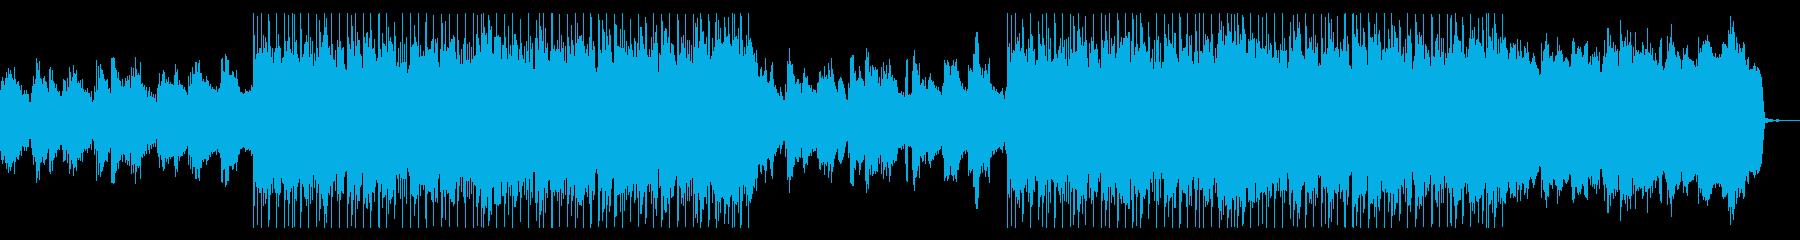 flea bitesの再生済みの波形